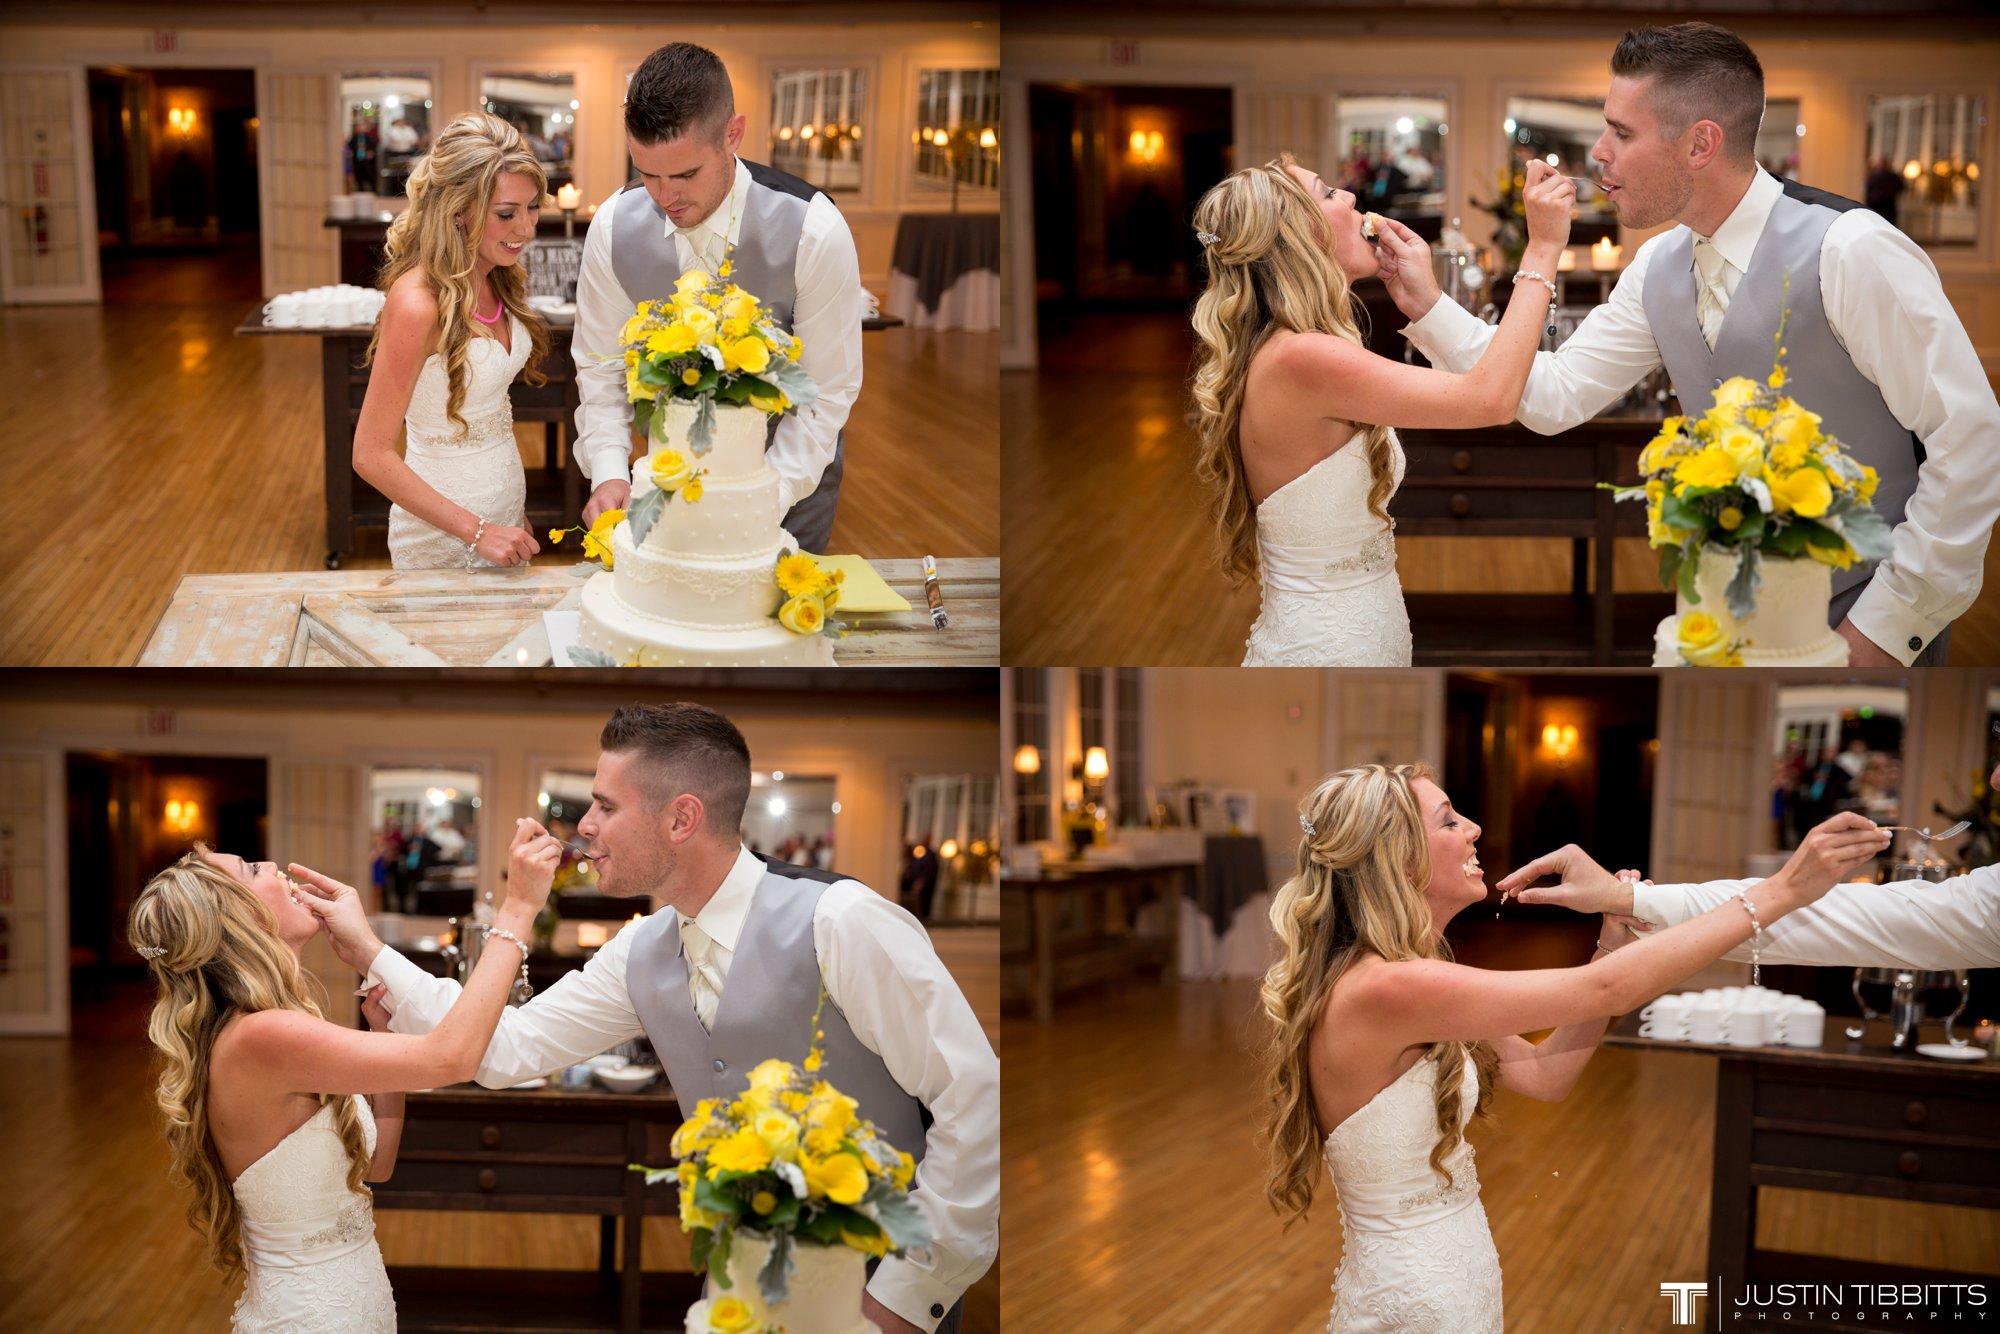 Albany NY Wedding Photographer Justin Tibbitts Photography 2014 Best of Albany NY Weddings-122Albany NY Wedding Photographer Justin Tibbitts Photography Albany NY Best of Weddings34